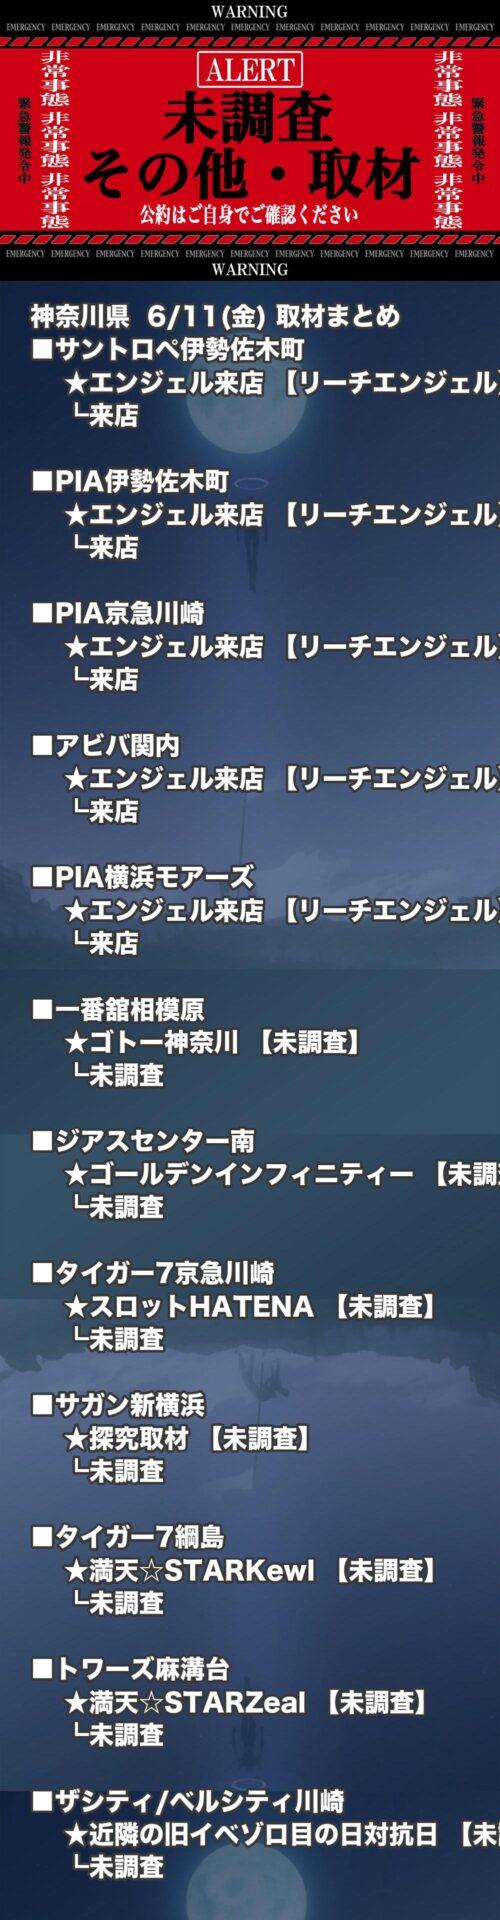 神奈川県_2021-06-11_未調査_パチンコ・パチスロ